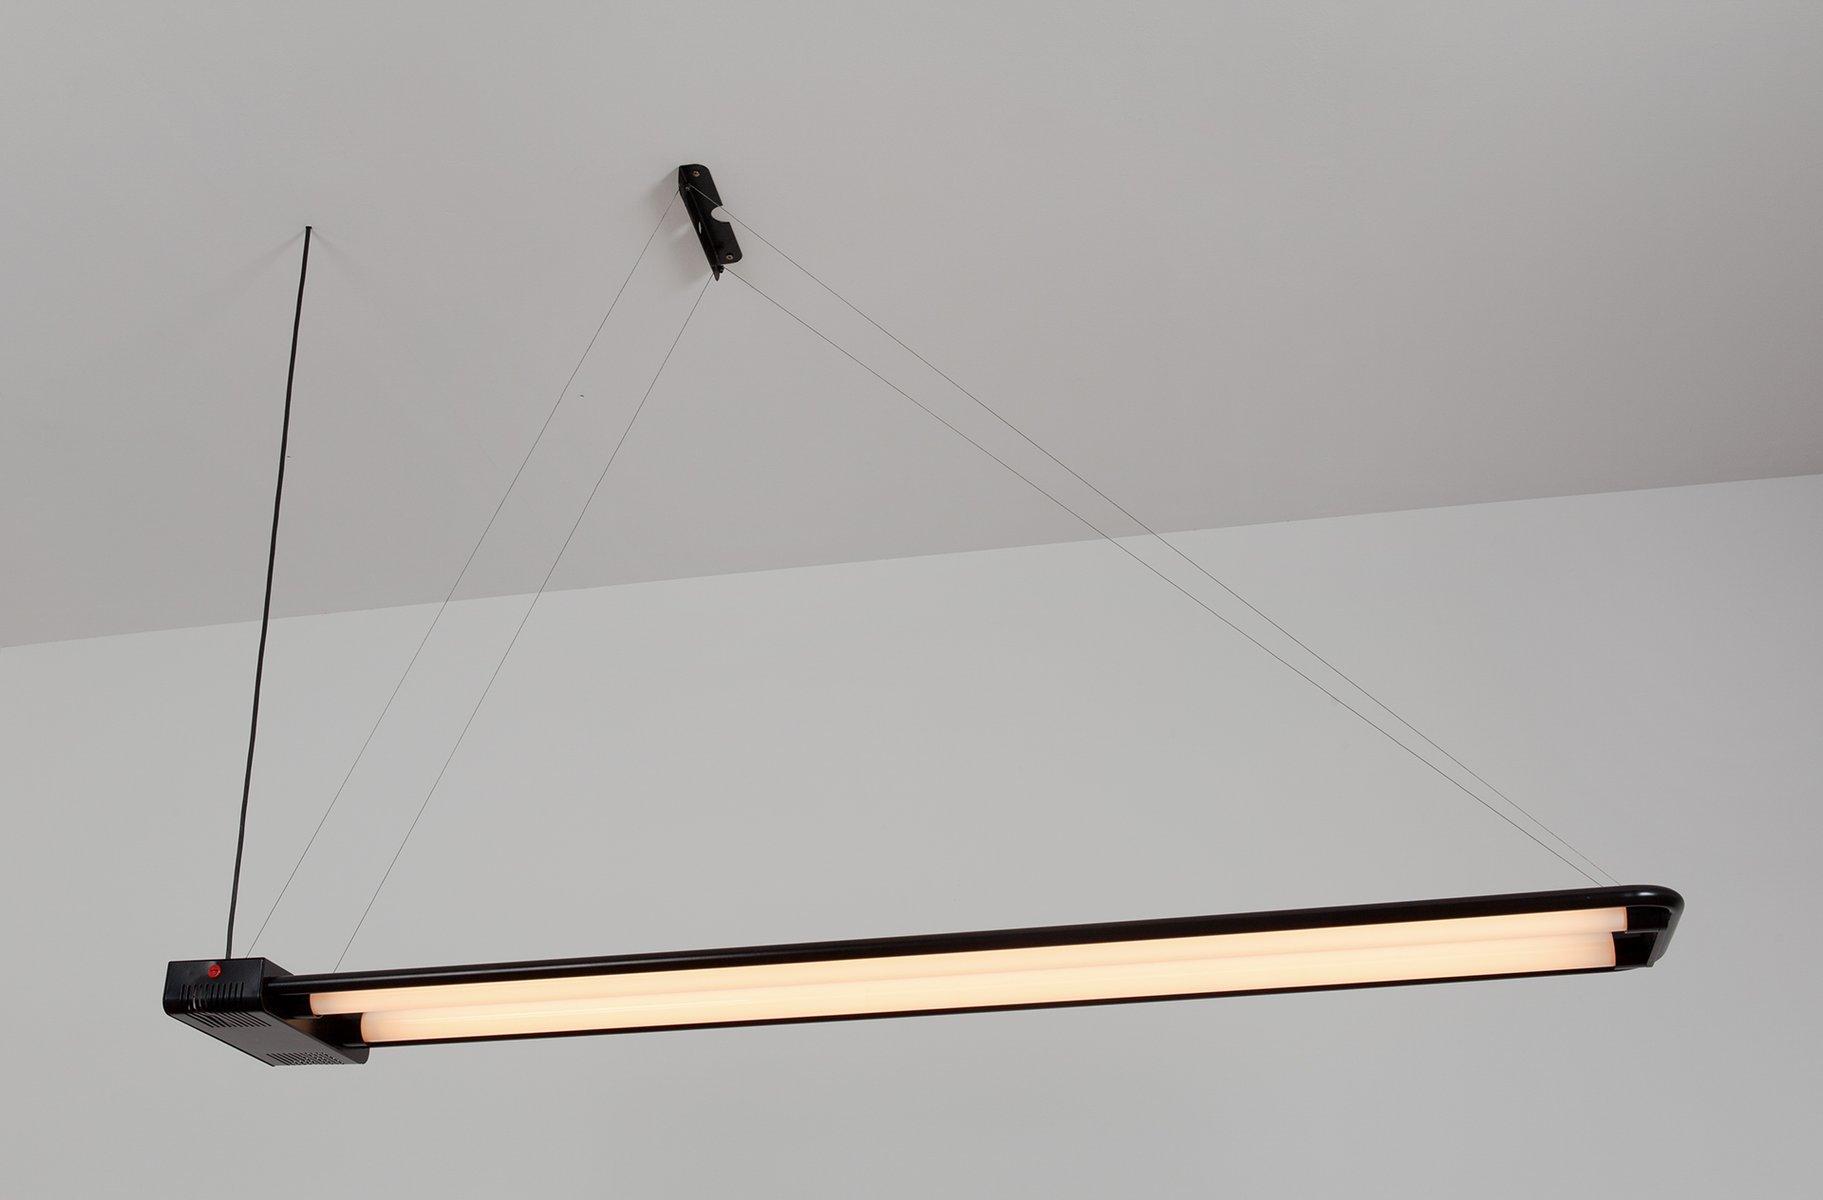 Lampada Tubolare Fluorescente : Lampada tubolare a fluorescenza di g n gigante m boccato a